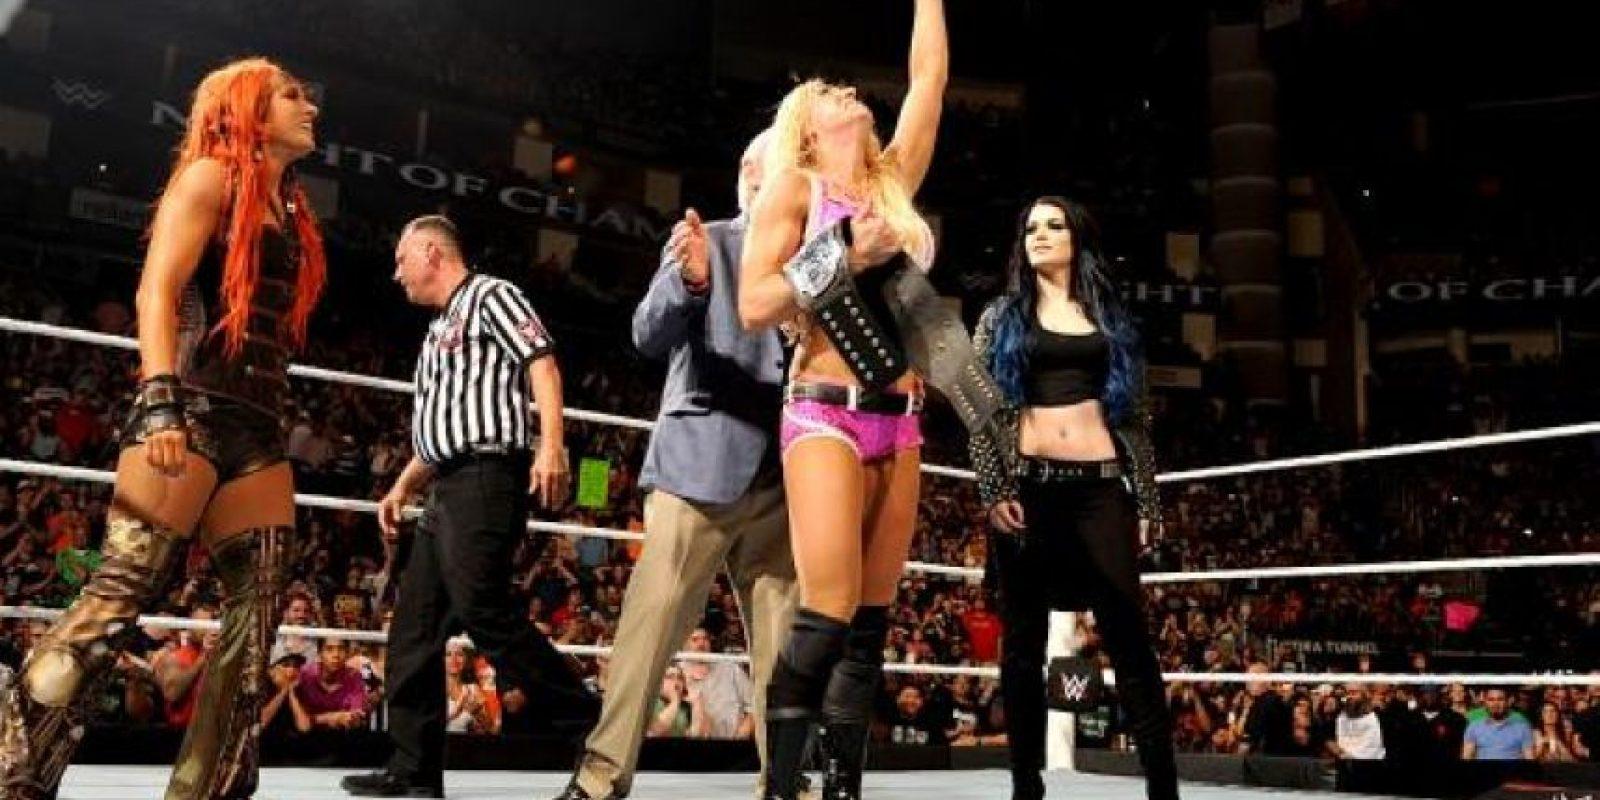 La hija de Ric Flair se impuso en 12 minutos y 47 segundos Foto:WWE